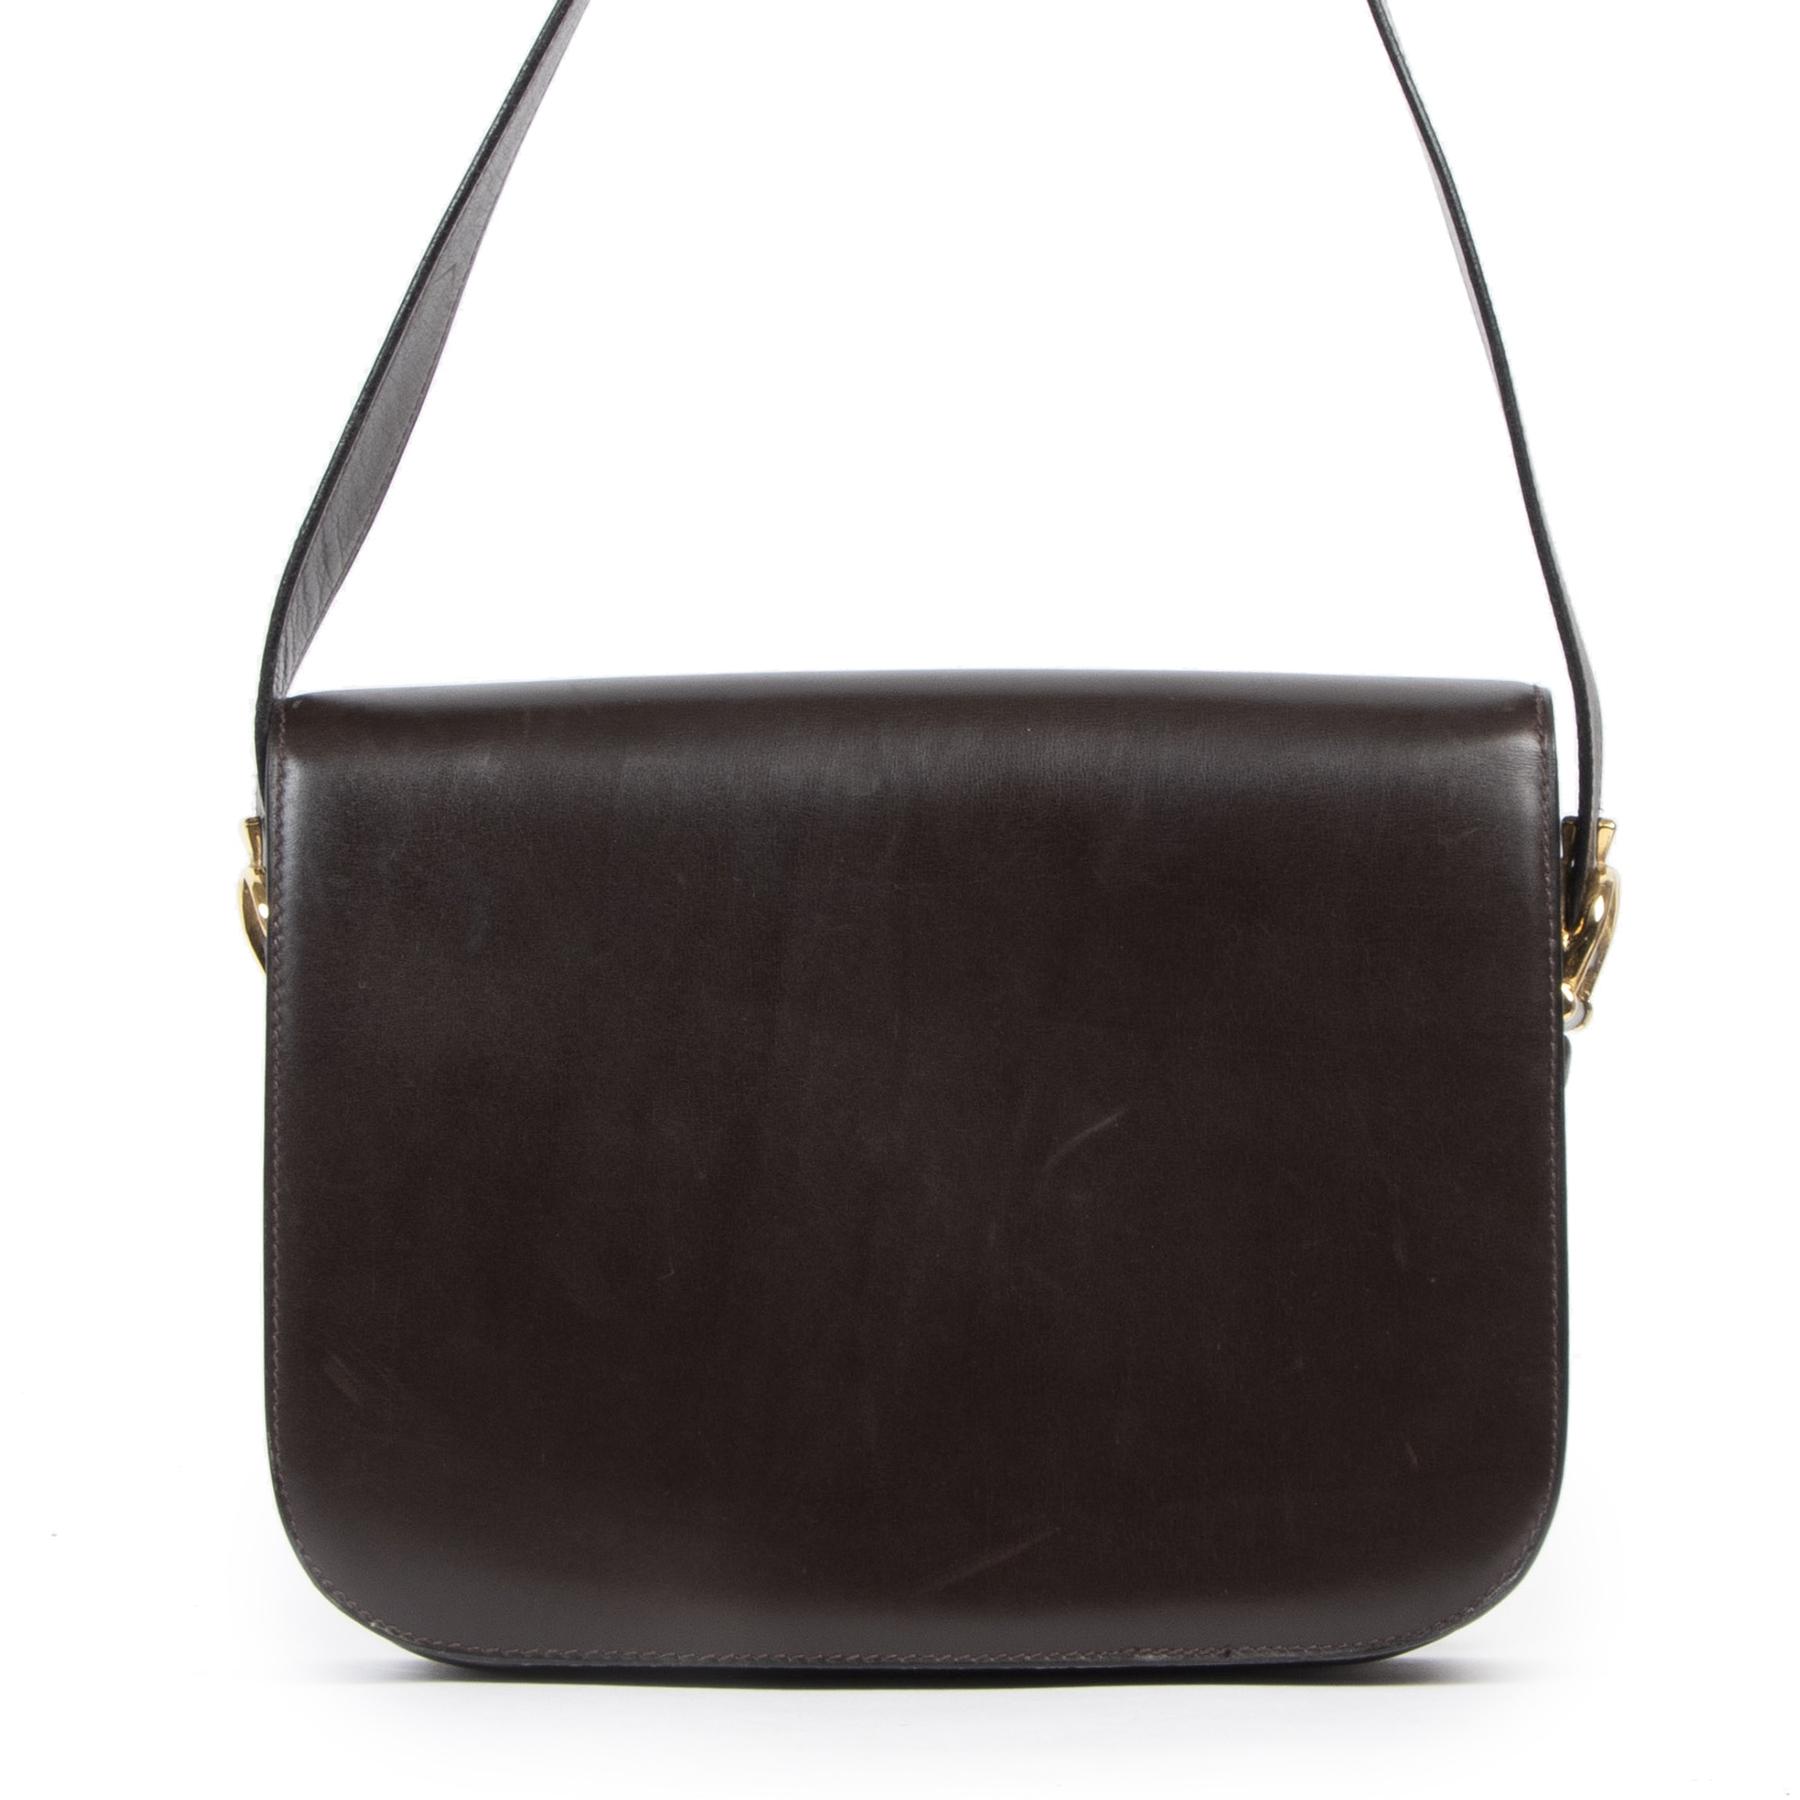 Authentieke Tweedehands Celine Brown Carriage Shoulder Bag designer tassen juiste prijs veilig online shoppen luxe merken webshop winkelen Antwerpen België mode fashion